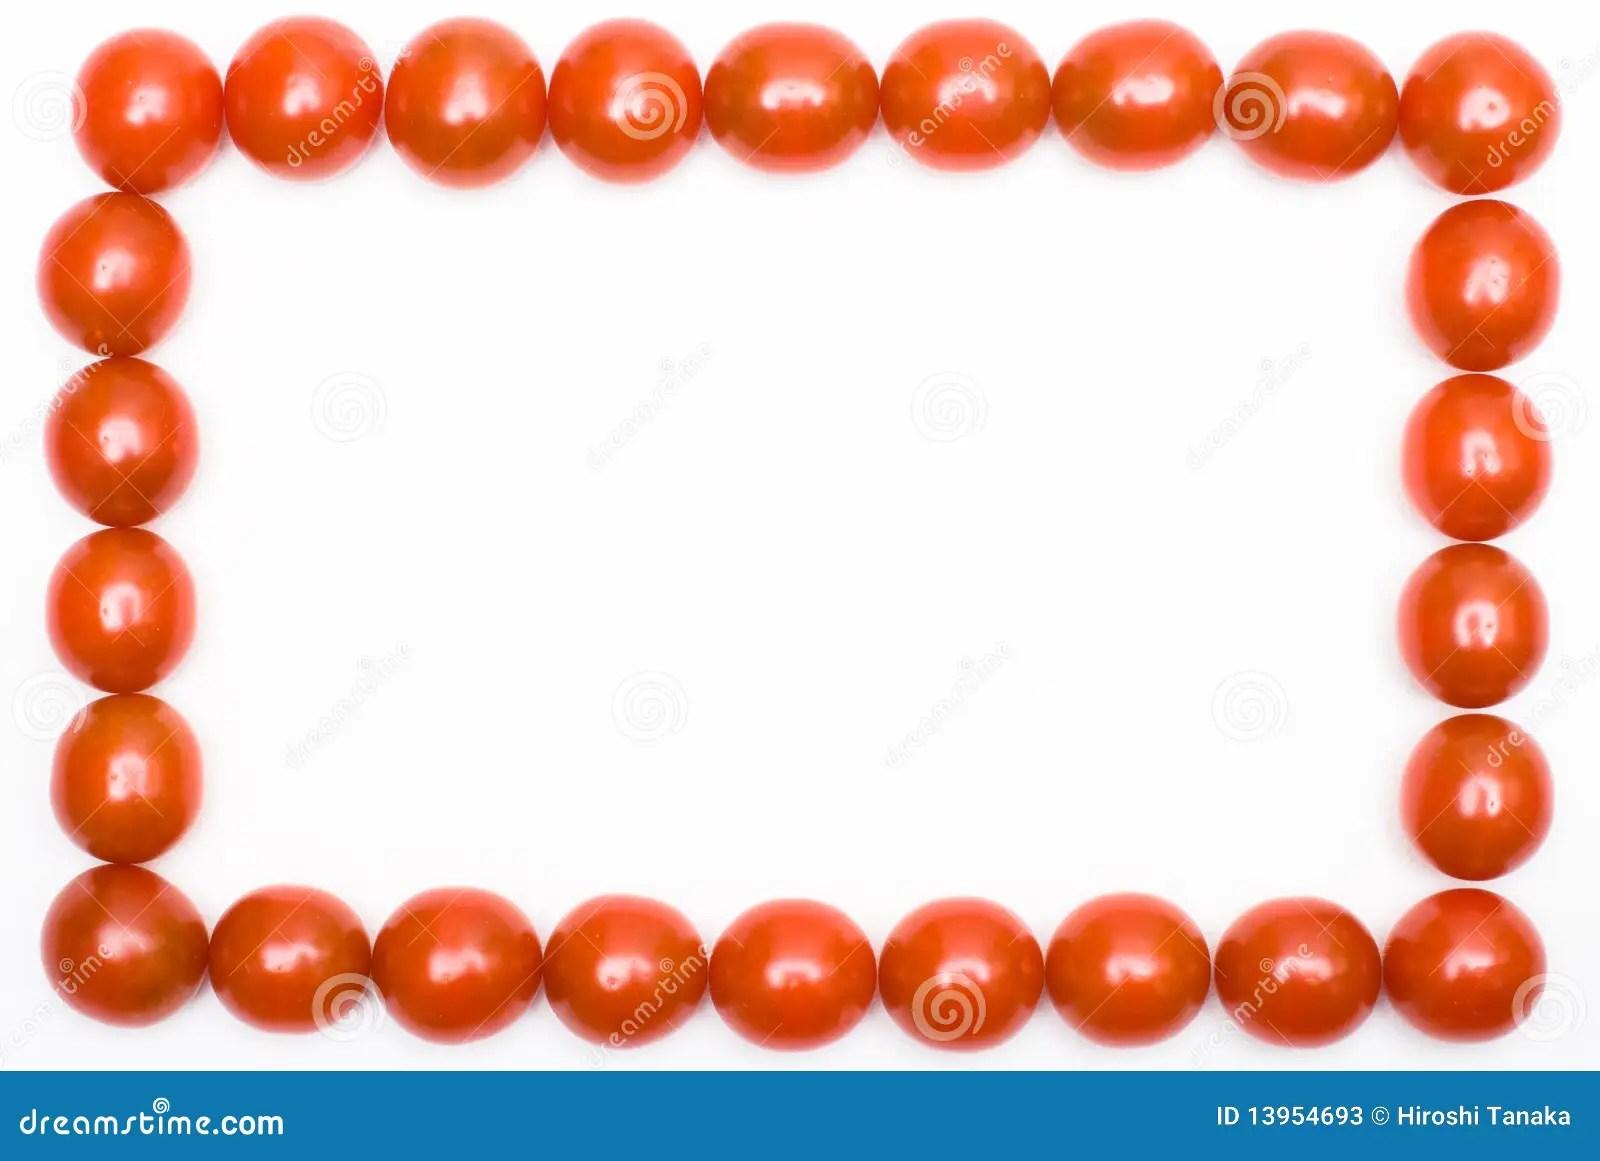 Tomato Frame Stock Photos Image 13954693